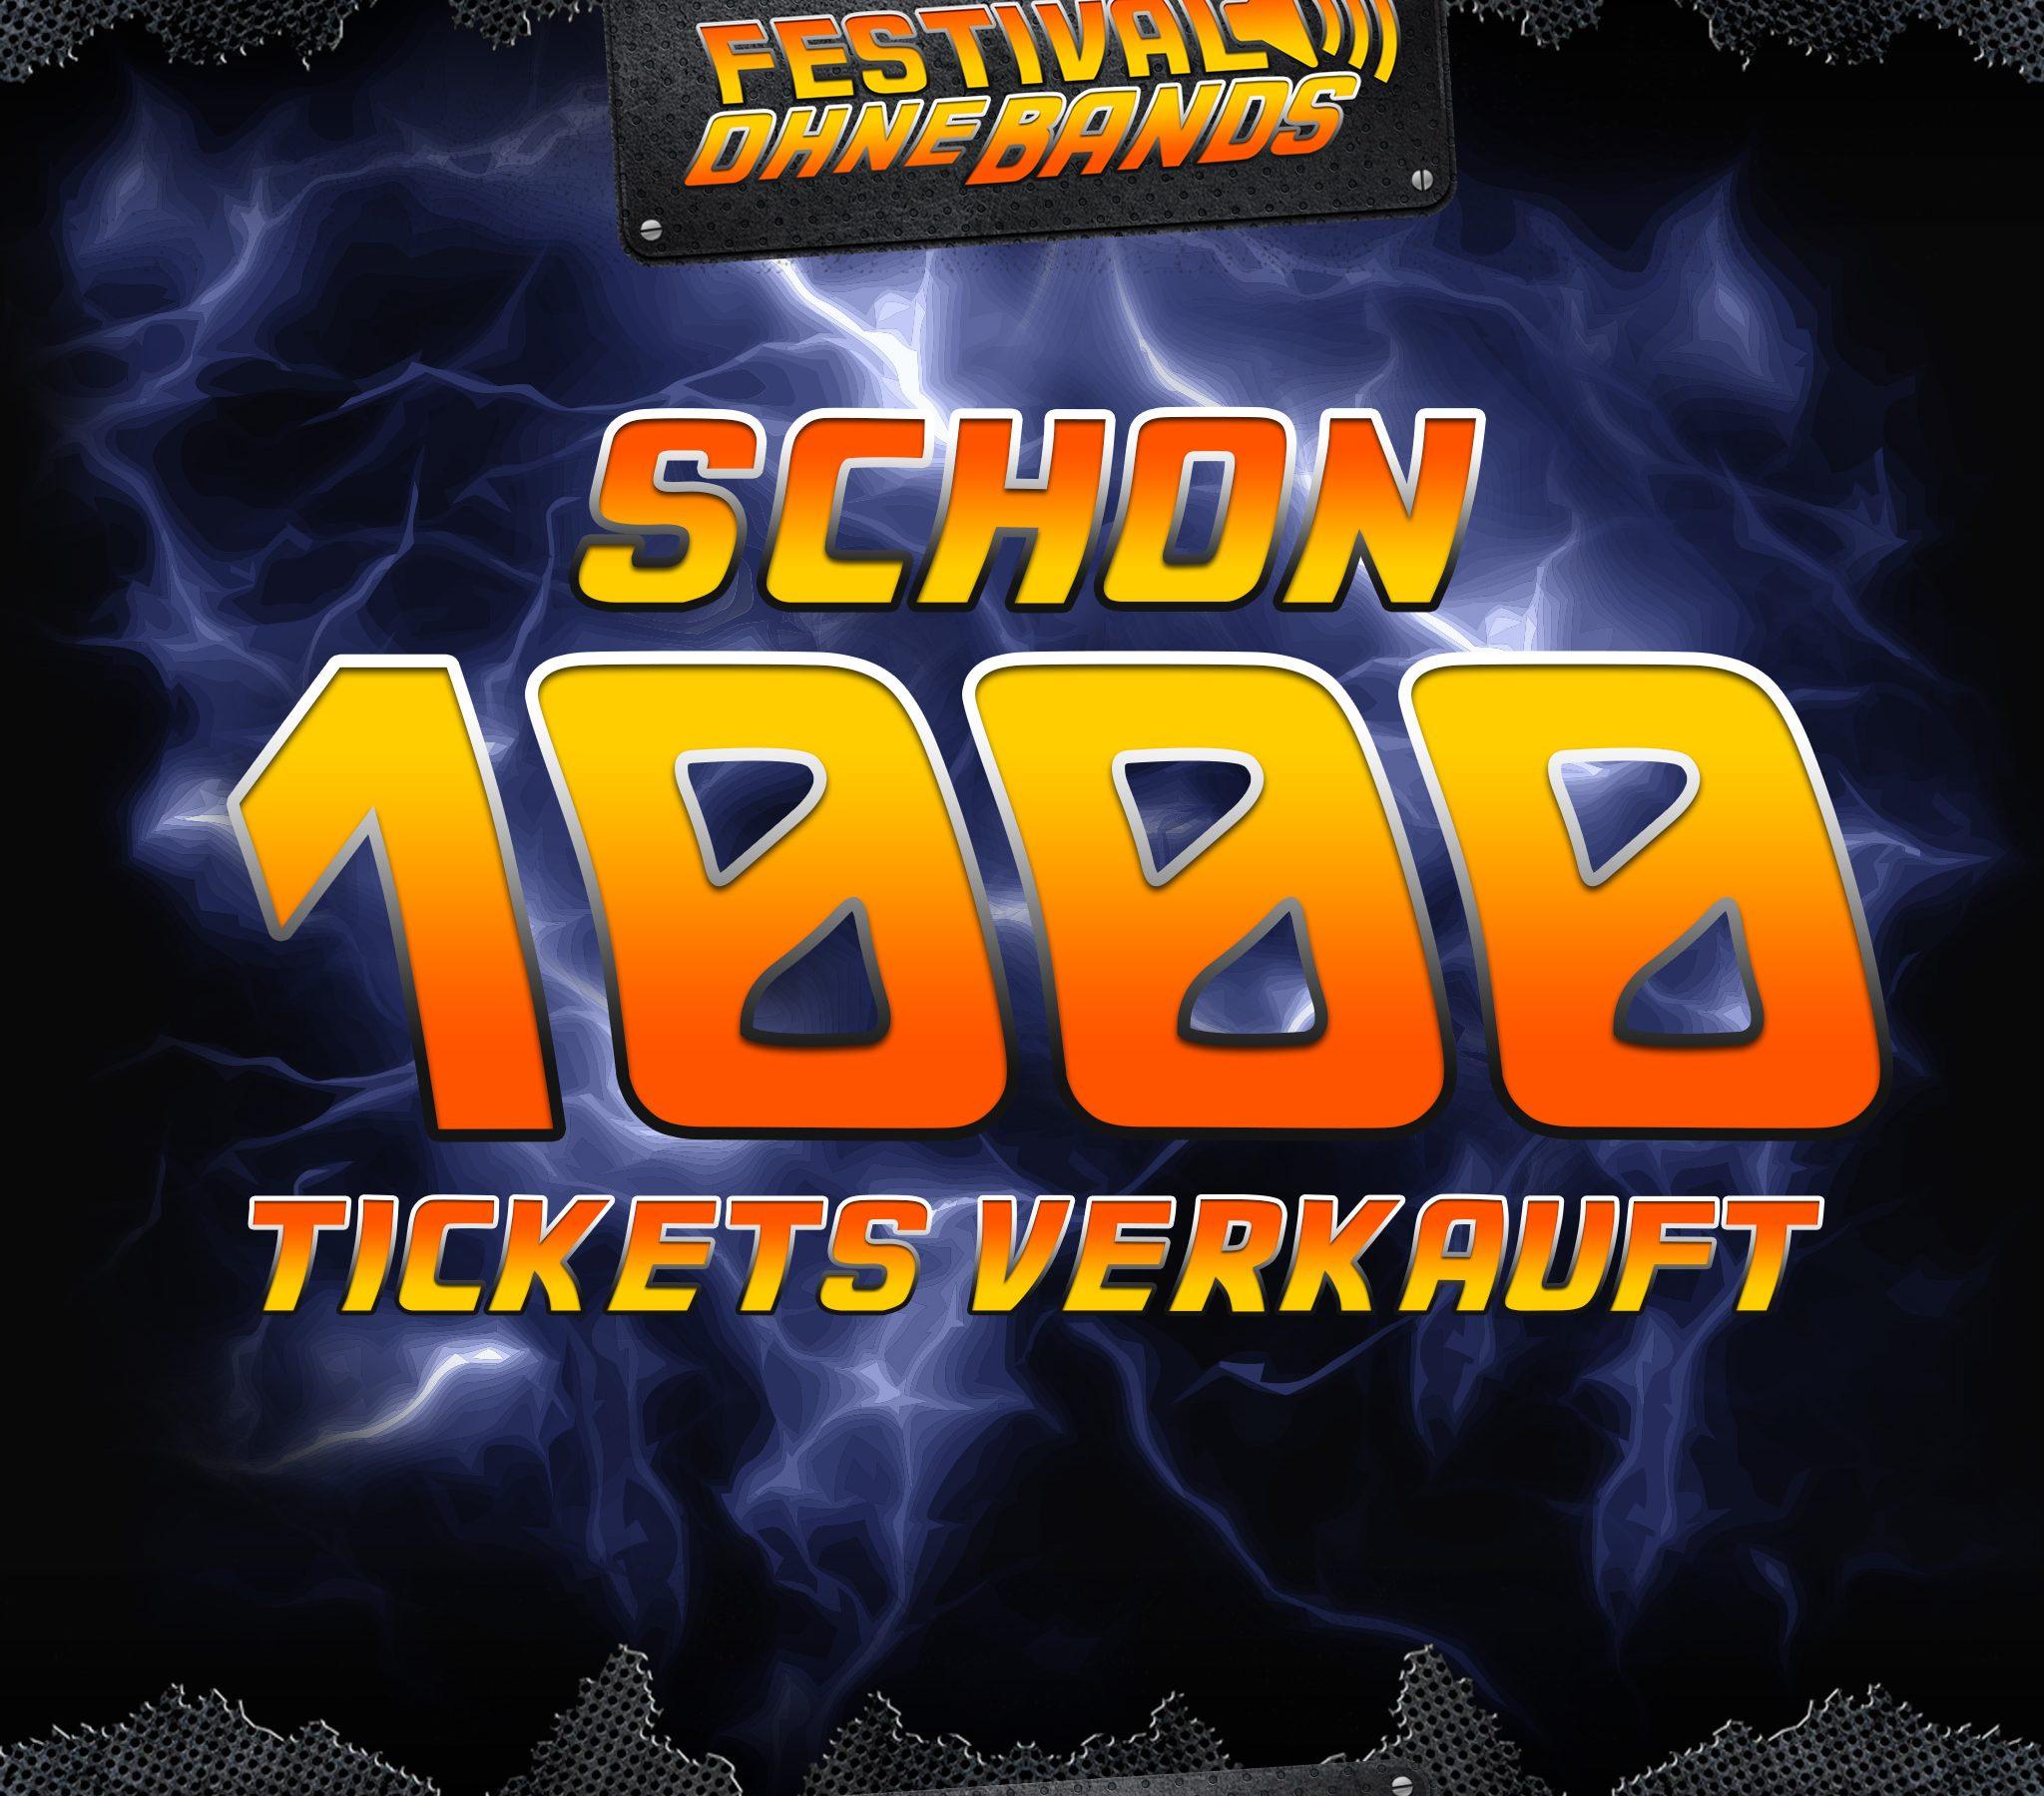 Grafik in FoB-Schriftart die besagt: schon 1000 Tickets verkauft